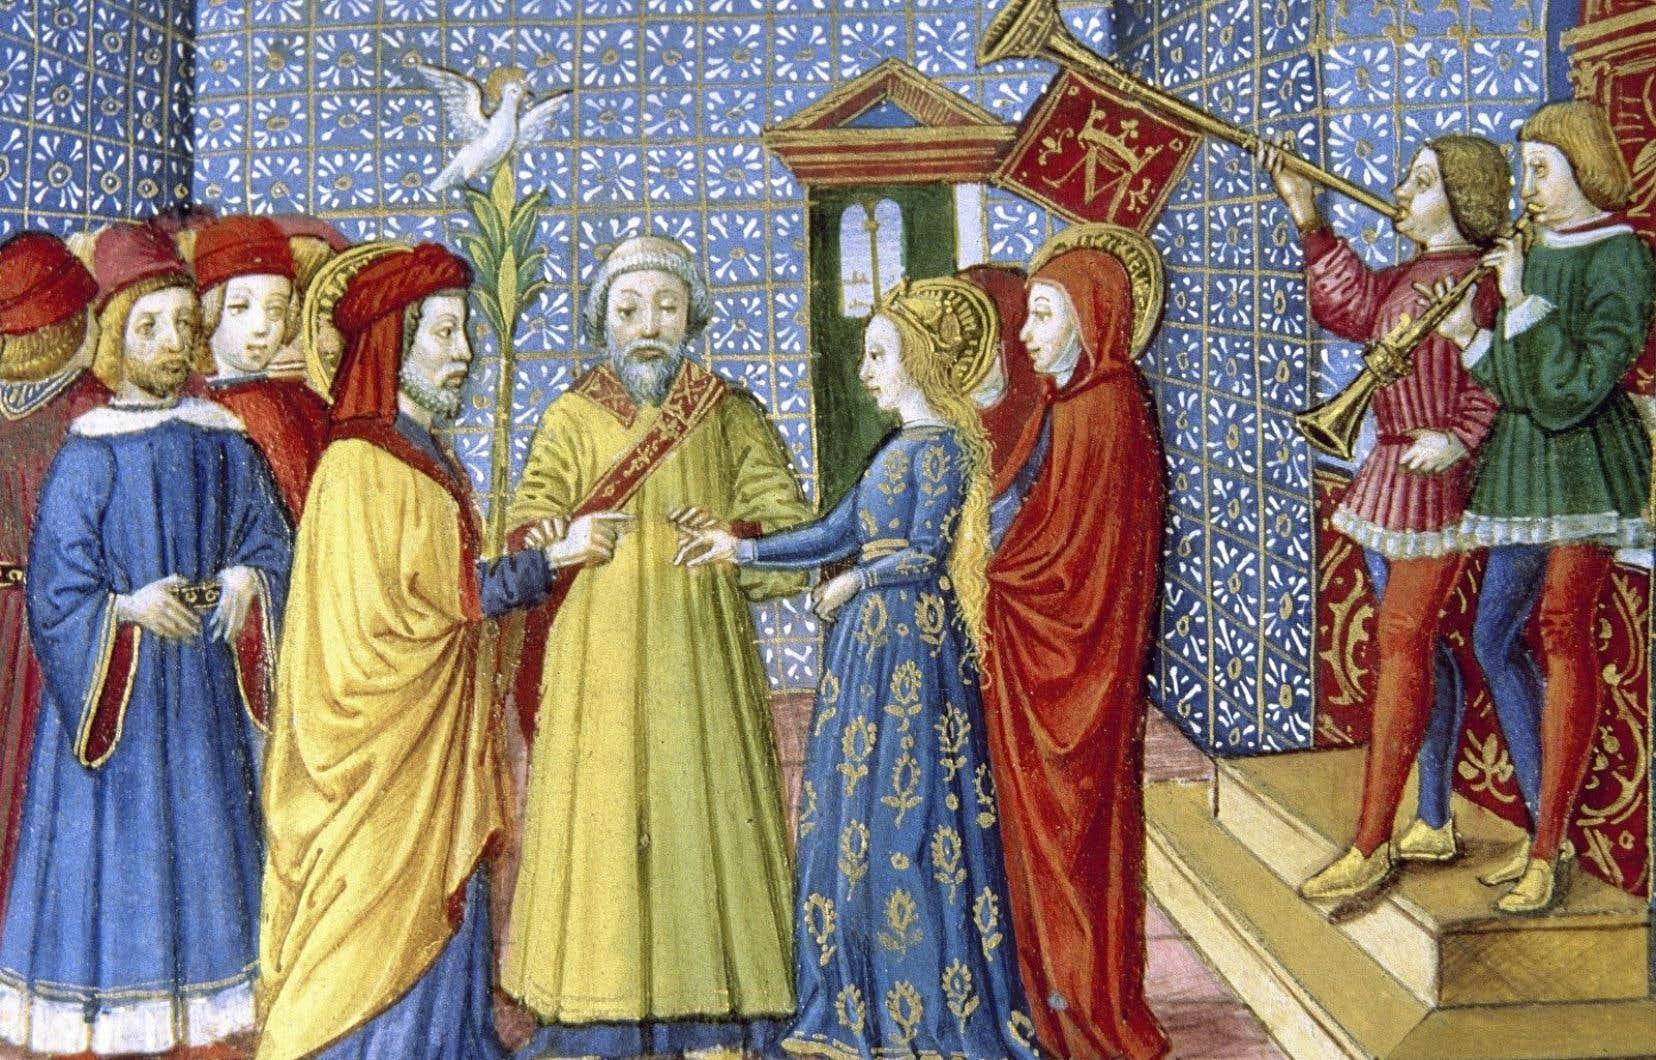 L'exposition à l'Église au Moyen Âge est associée au profil psychologique attendu dans les populations d'aujourd'hui.